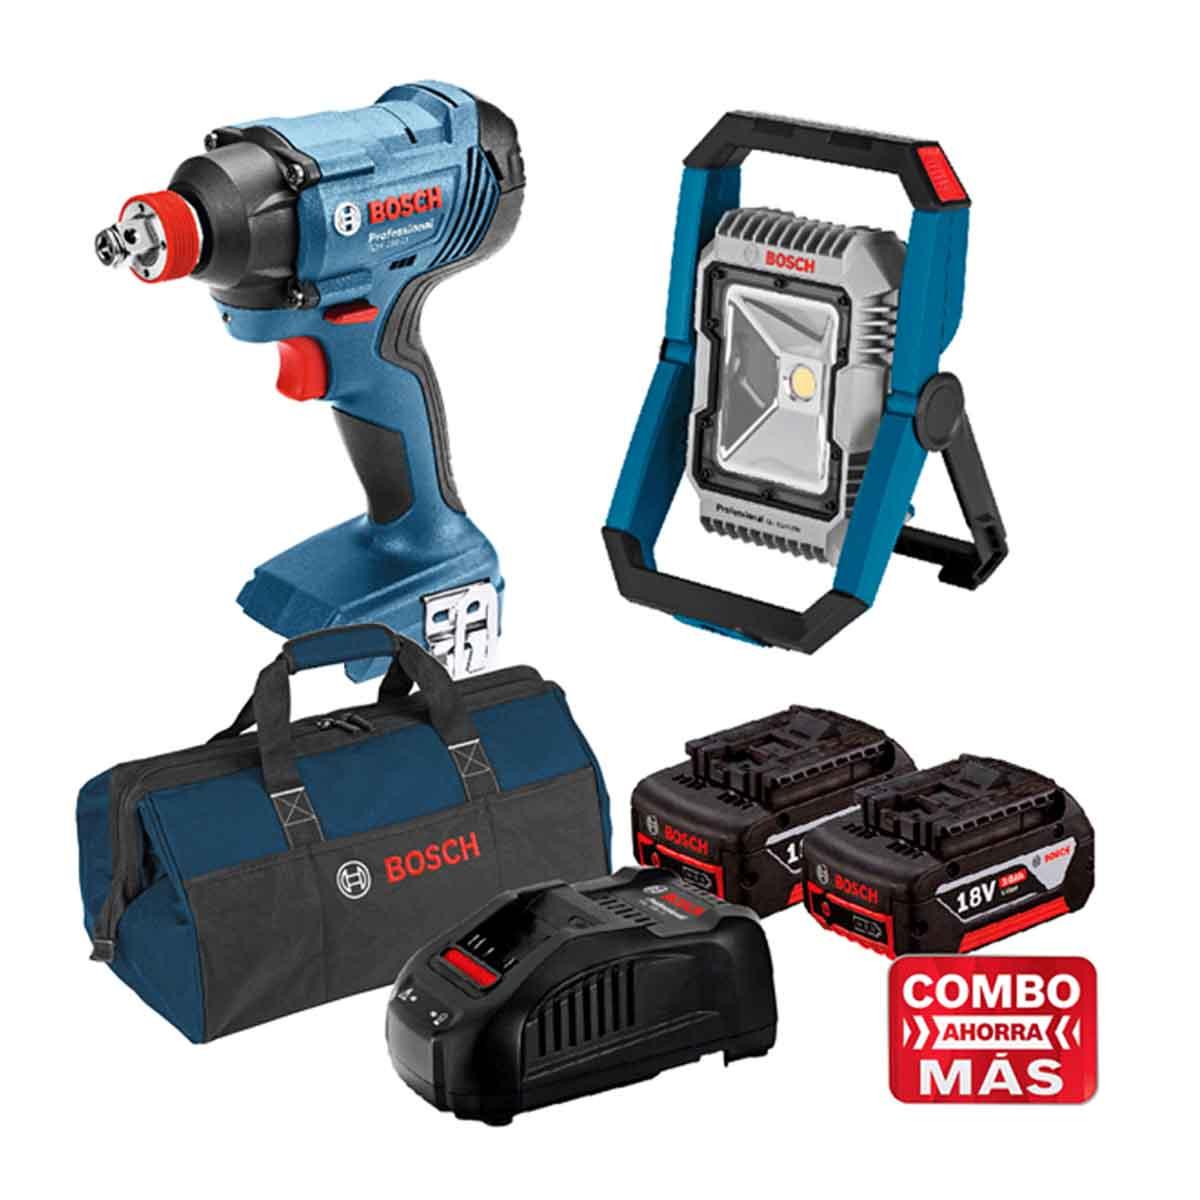 Taladro + Linterna + 2 Baterias + Cargador + Maleta Bosch